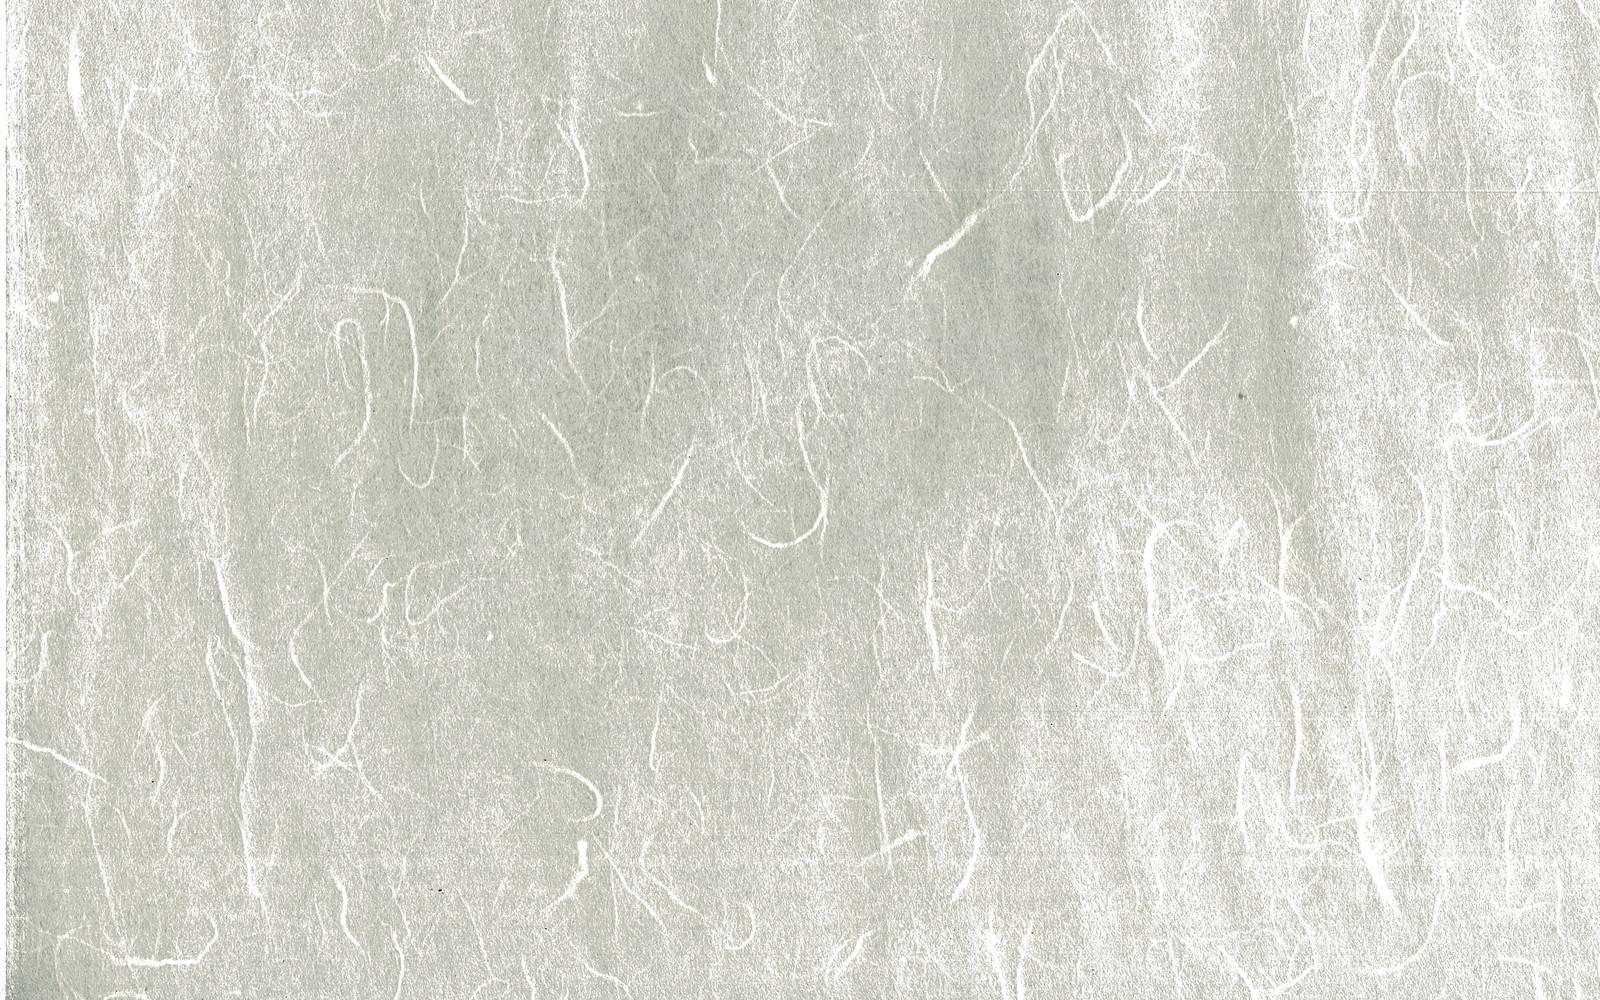 「繊維の筋が一面に浮かび上がる和紙(テクスチャ)」の写真